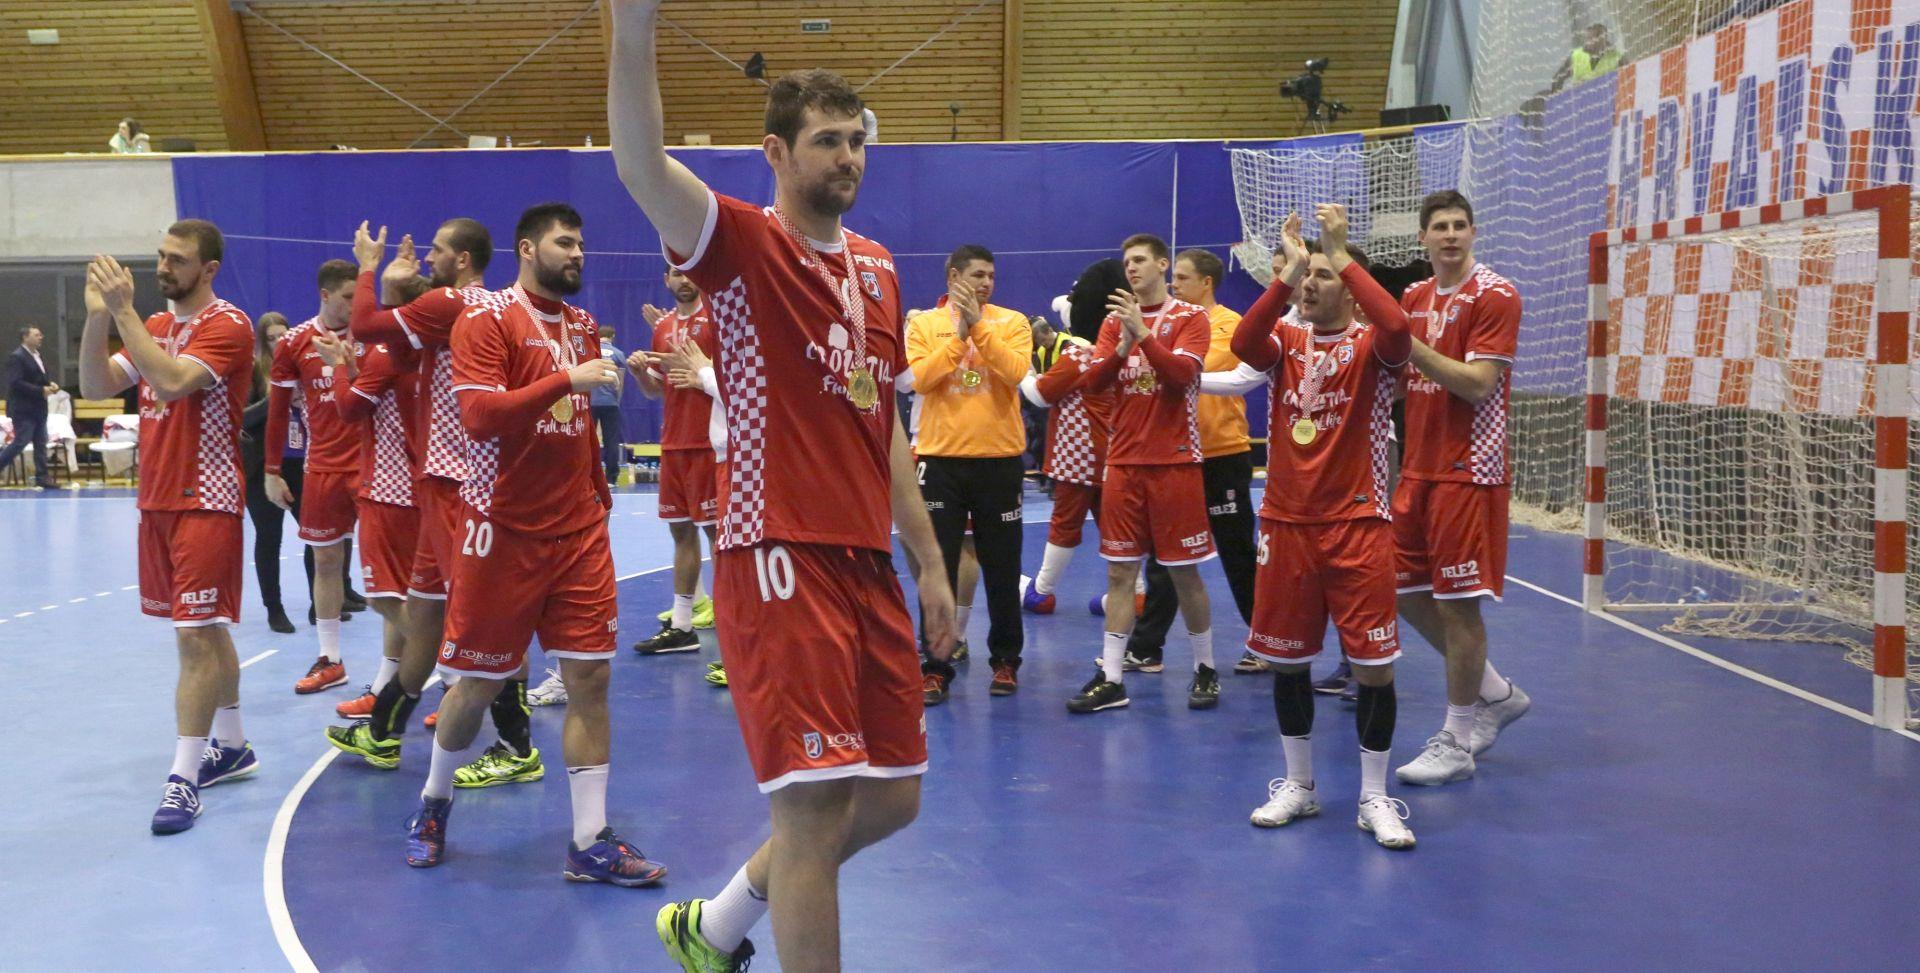 POČINJE SVJETSKO PRVENSTVO U FRANCUSKOJ Francuzi love šesto zlato, Hrvatska šestu medalju